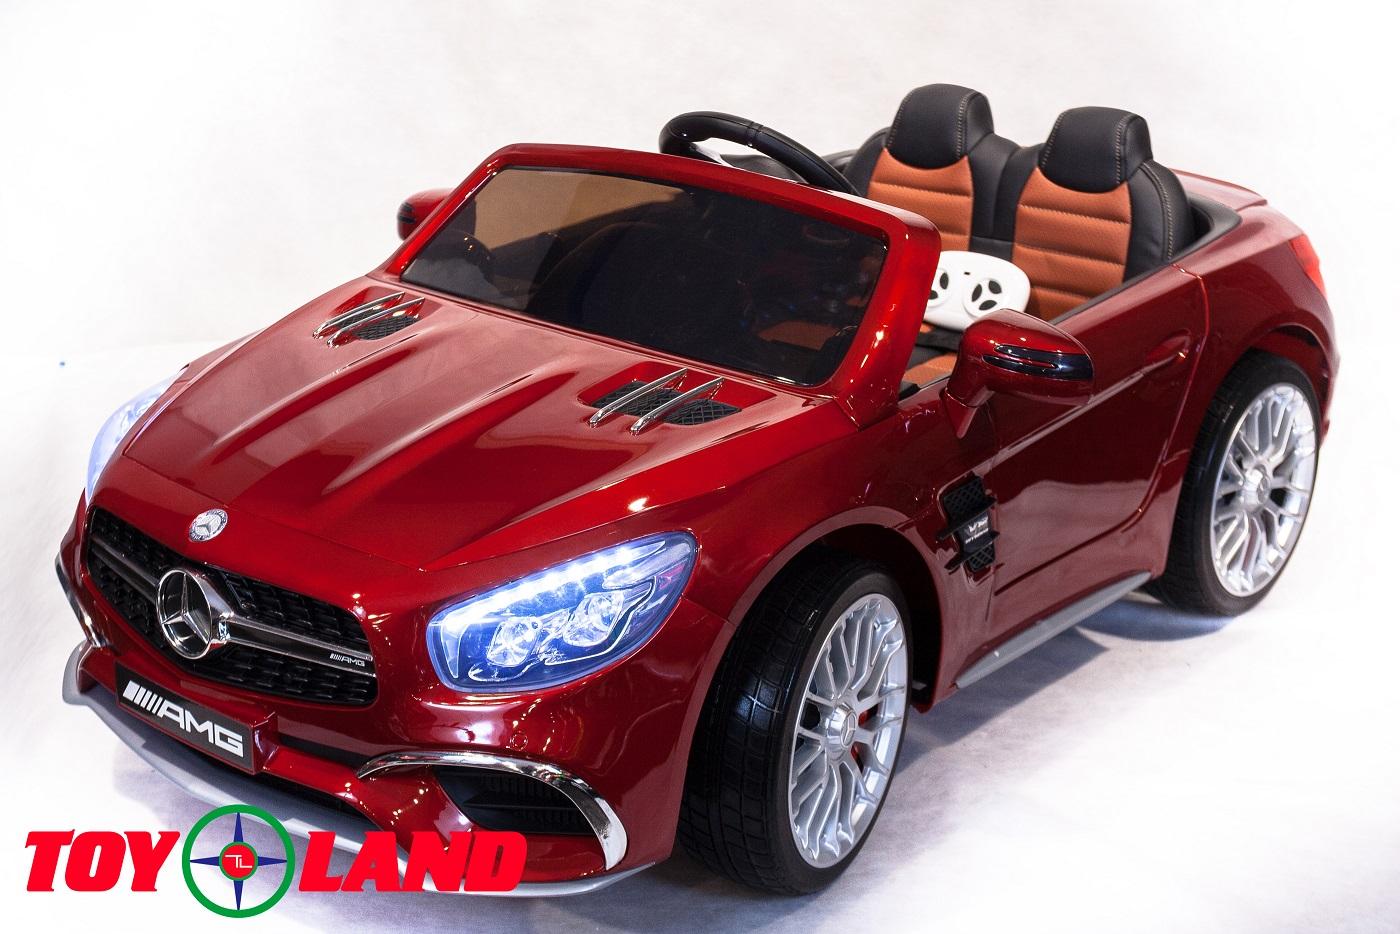 Электромобиль Mercedes-Benz SL65, цвет – красныйЭлектромобили, детские машины на аккумуляторе<br>Электромобиль Mercedes-Benz SL65, цвет – красный<br>